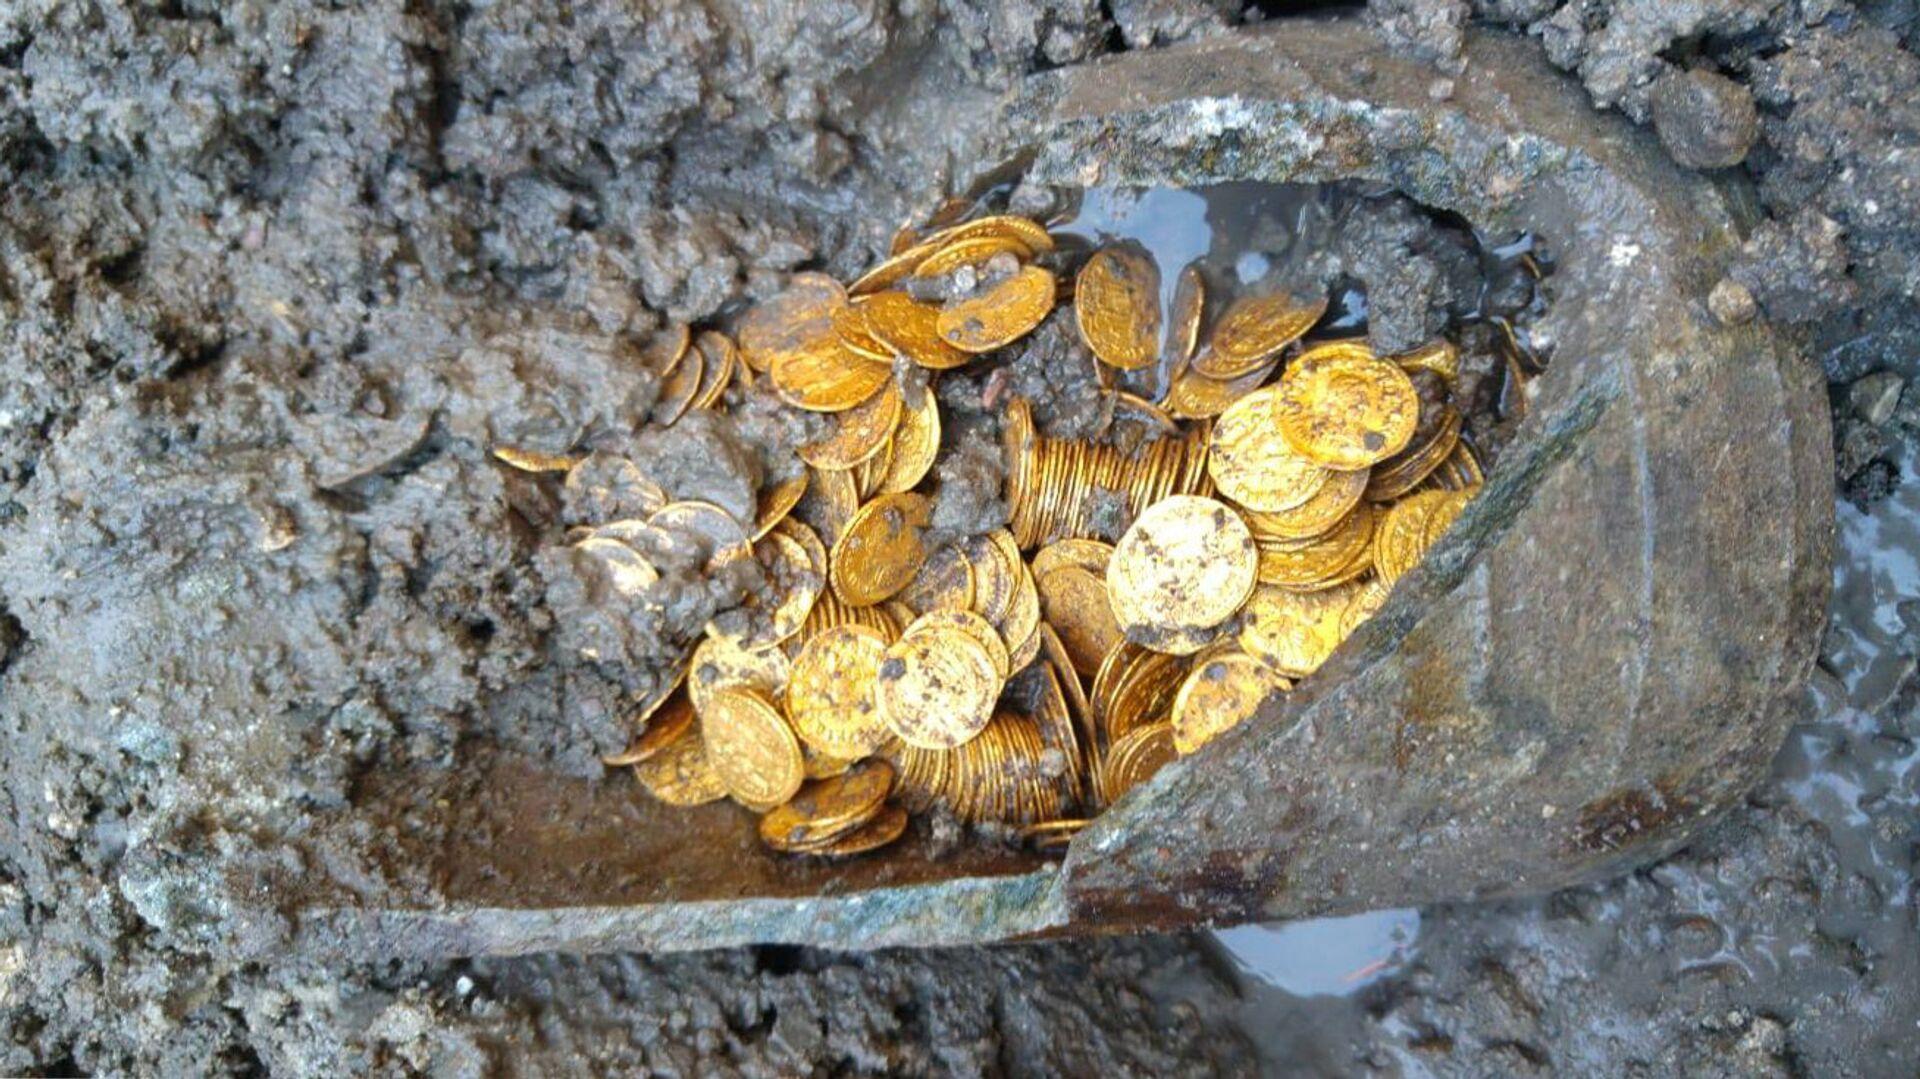 Амфора с кладом в несколько сотен золотых монет - РИА Новости, 1920, 19.04.2021